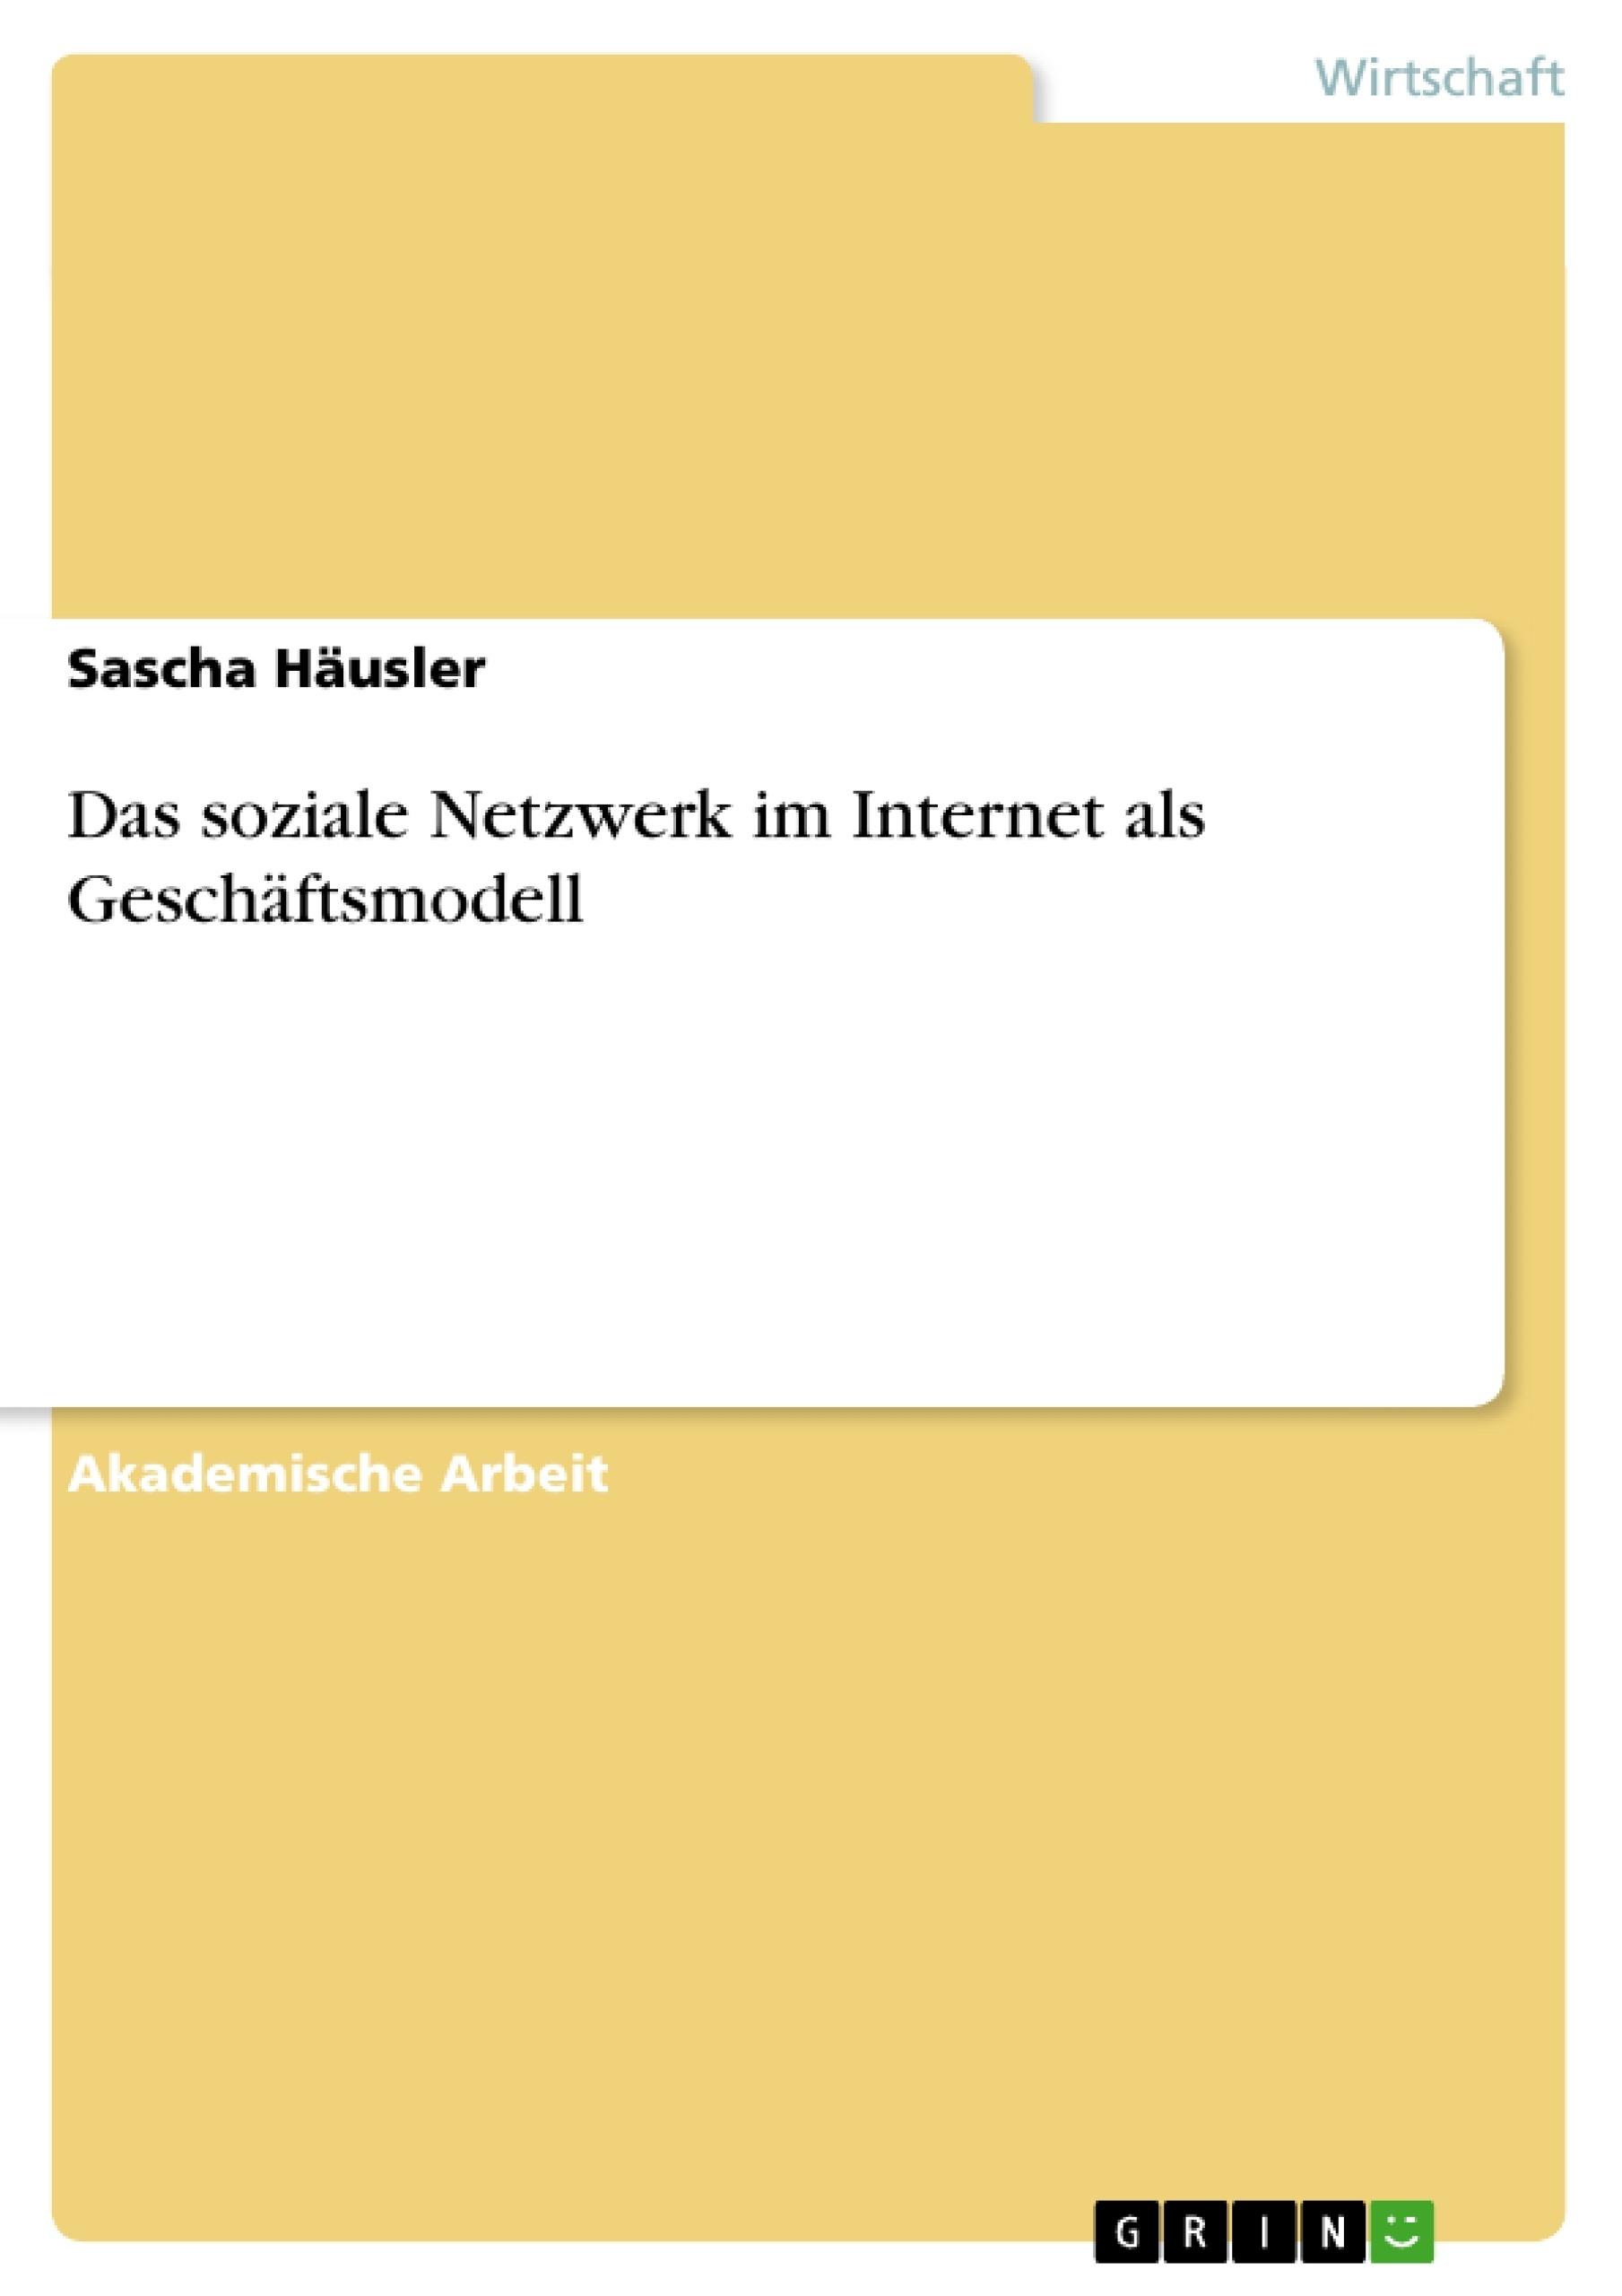 Titel: Das soziale Netzwerk im Internet als Geschäftsmodell